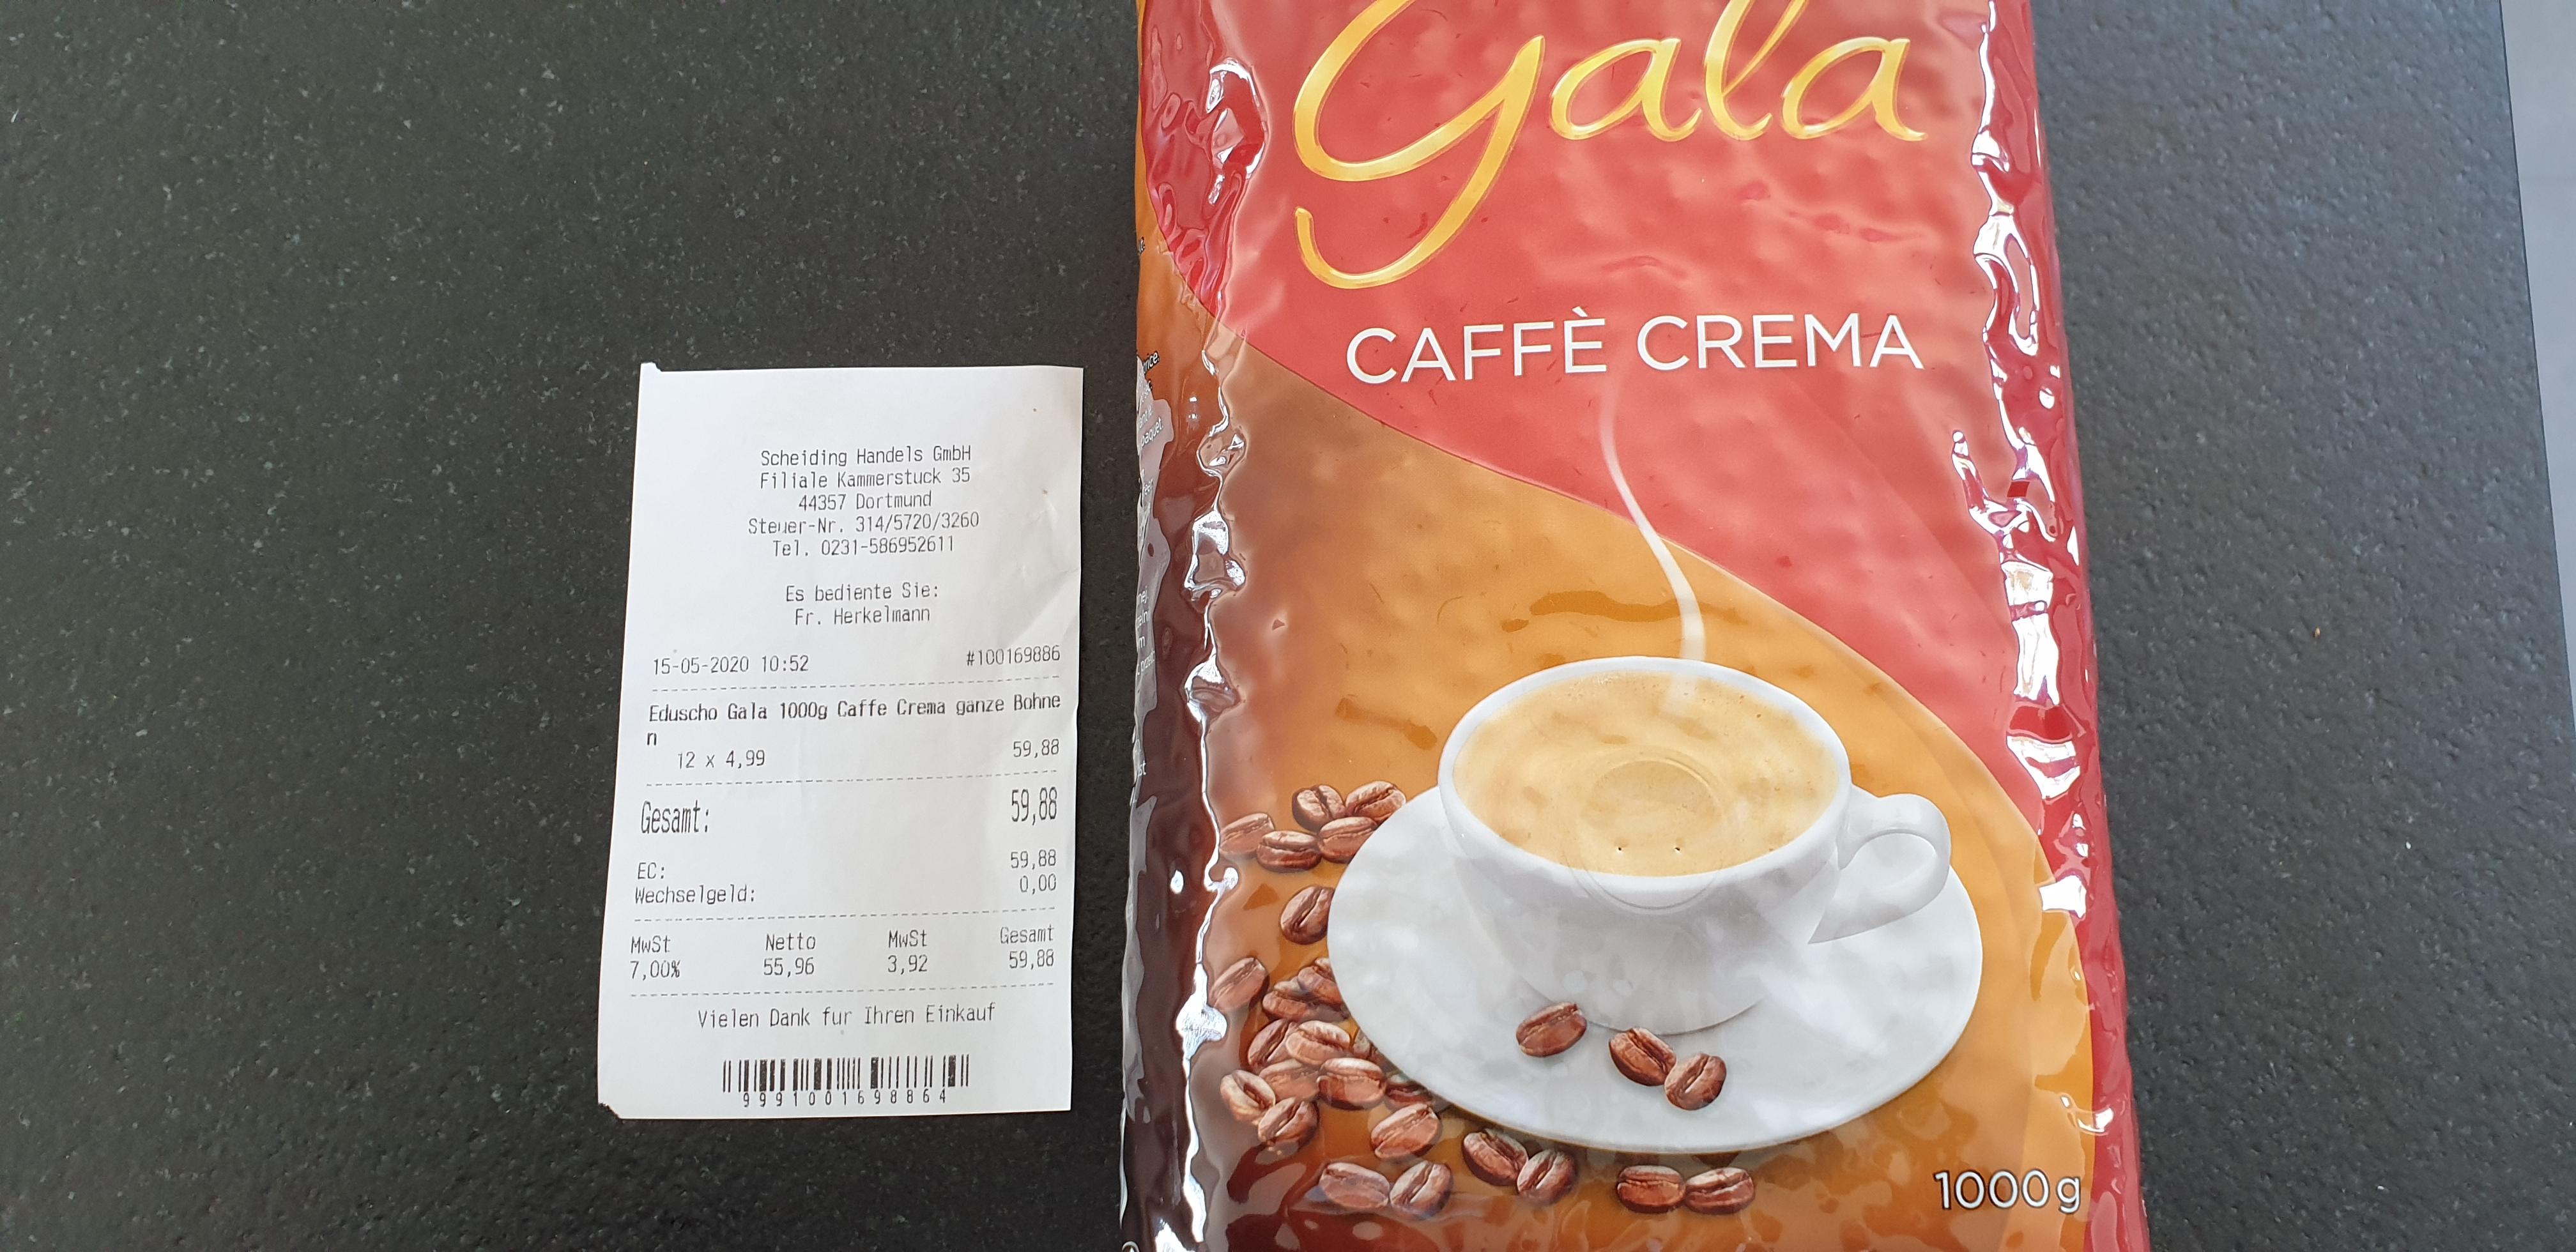 [LOKAL Dortmund] 1 KG Eduscho Gala Caffe Crema ganze Bohnen MHD 17.05.2020